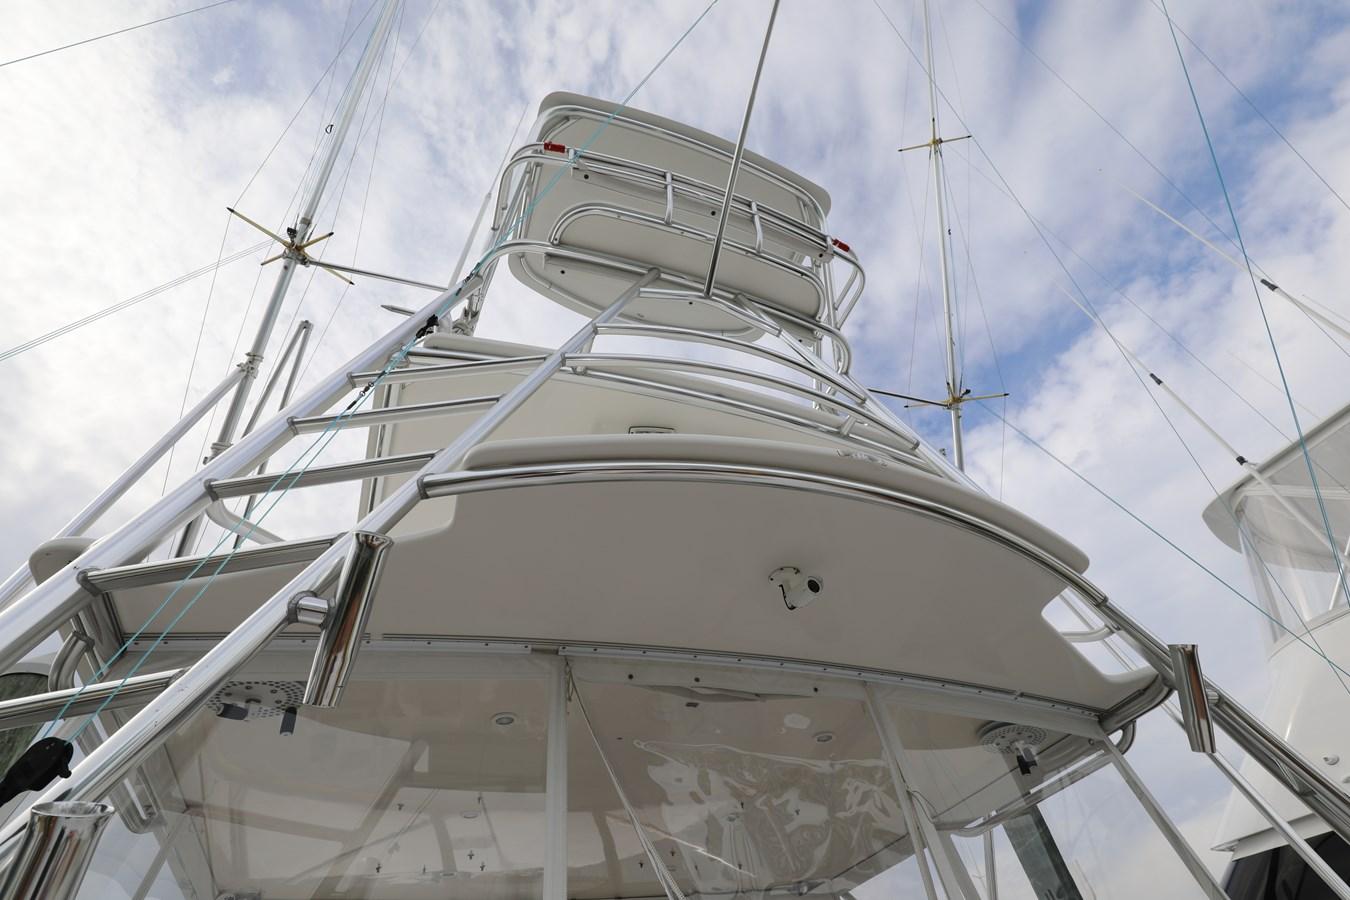 0L7A8796 2008 GILLIKIN  Sport Fisherman 2753207